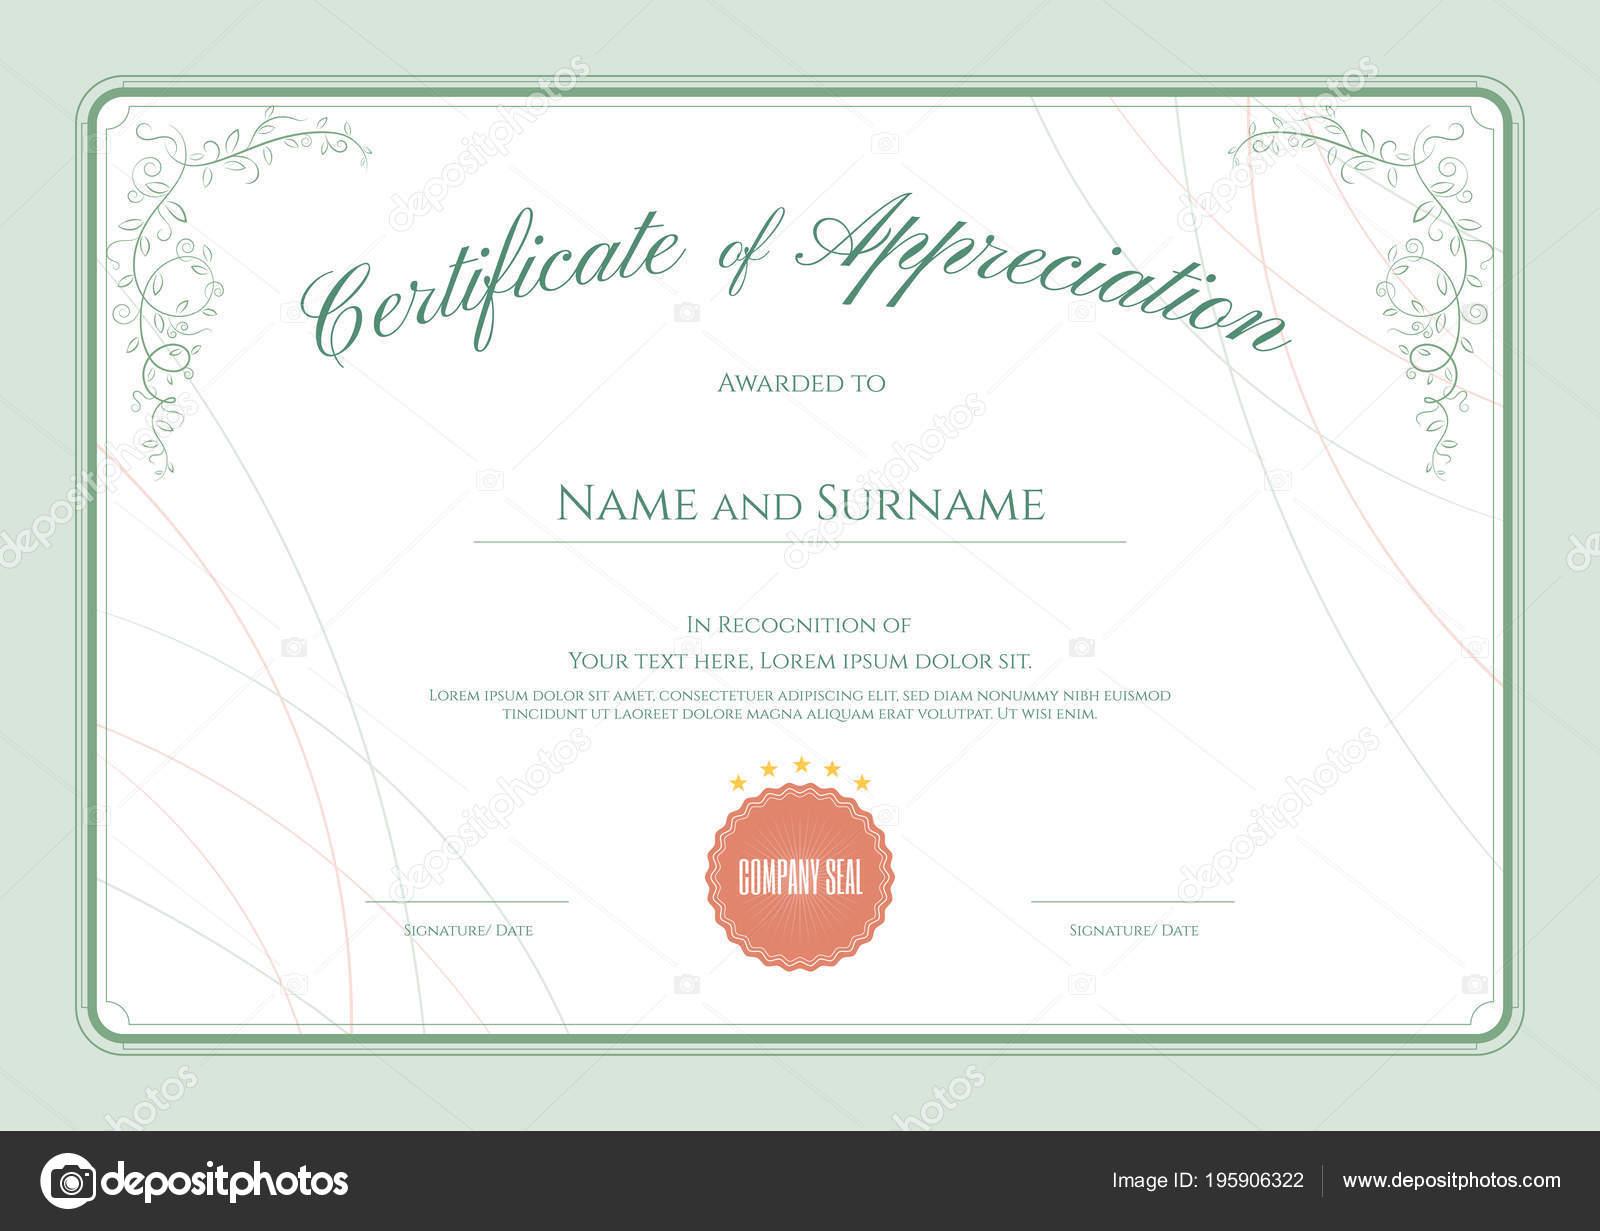 Luxus Zertifikat Vorlage Mit Eleganten Floralen Rahmen Diplom Design ...